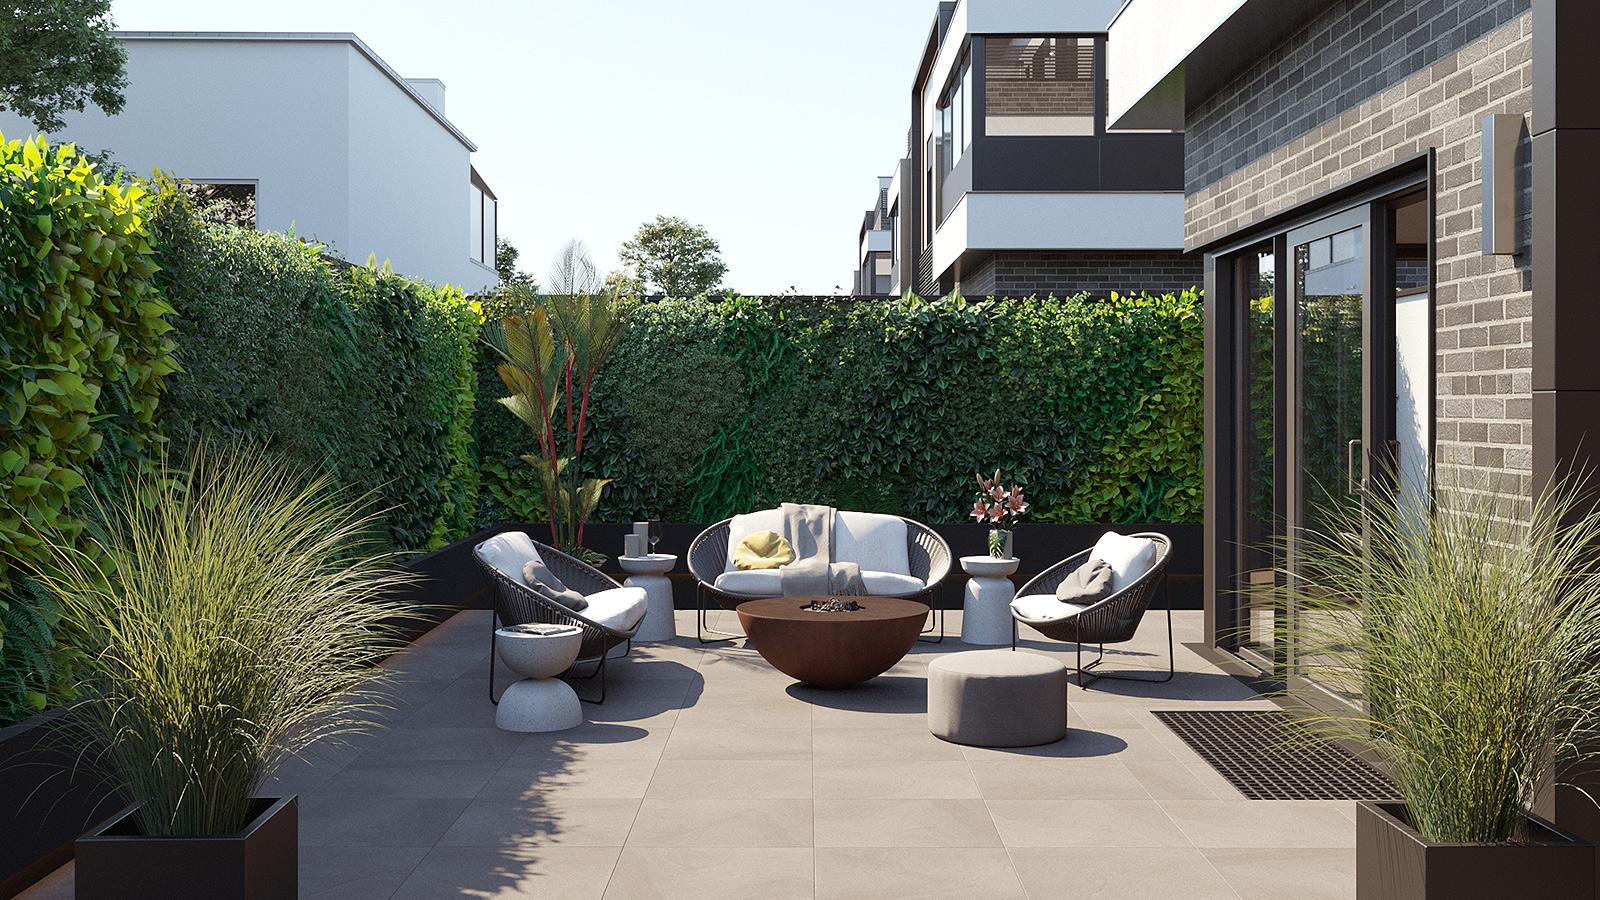 Architekturvisualisierung Terrasse